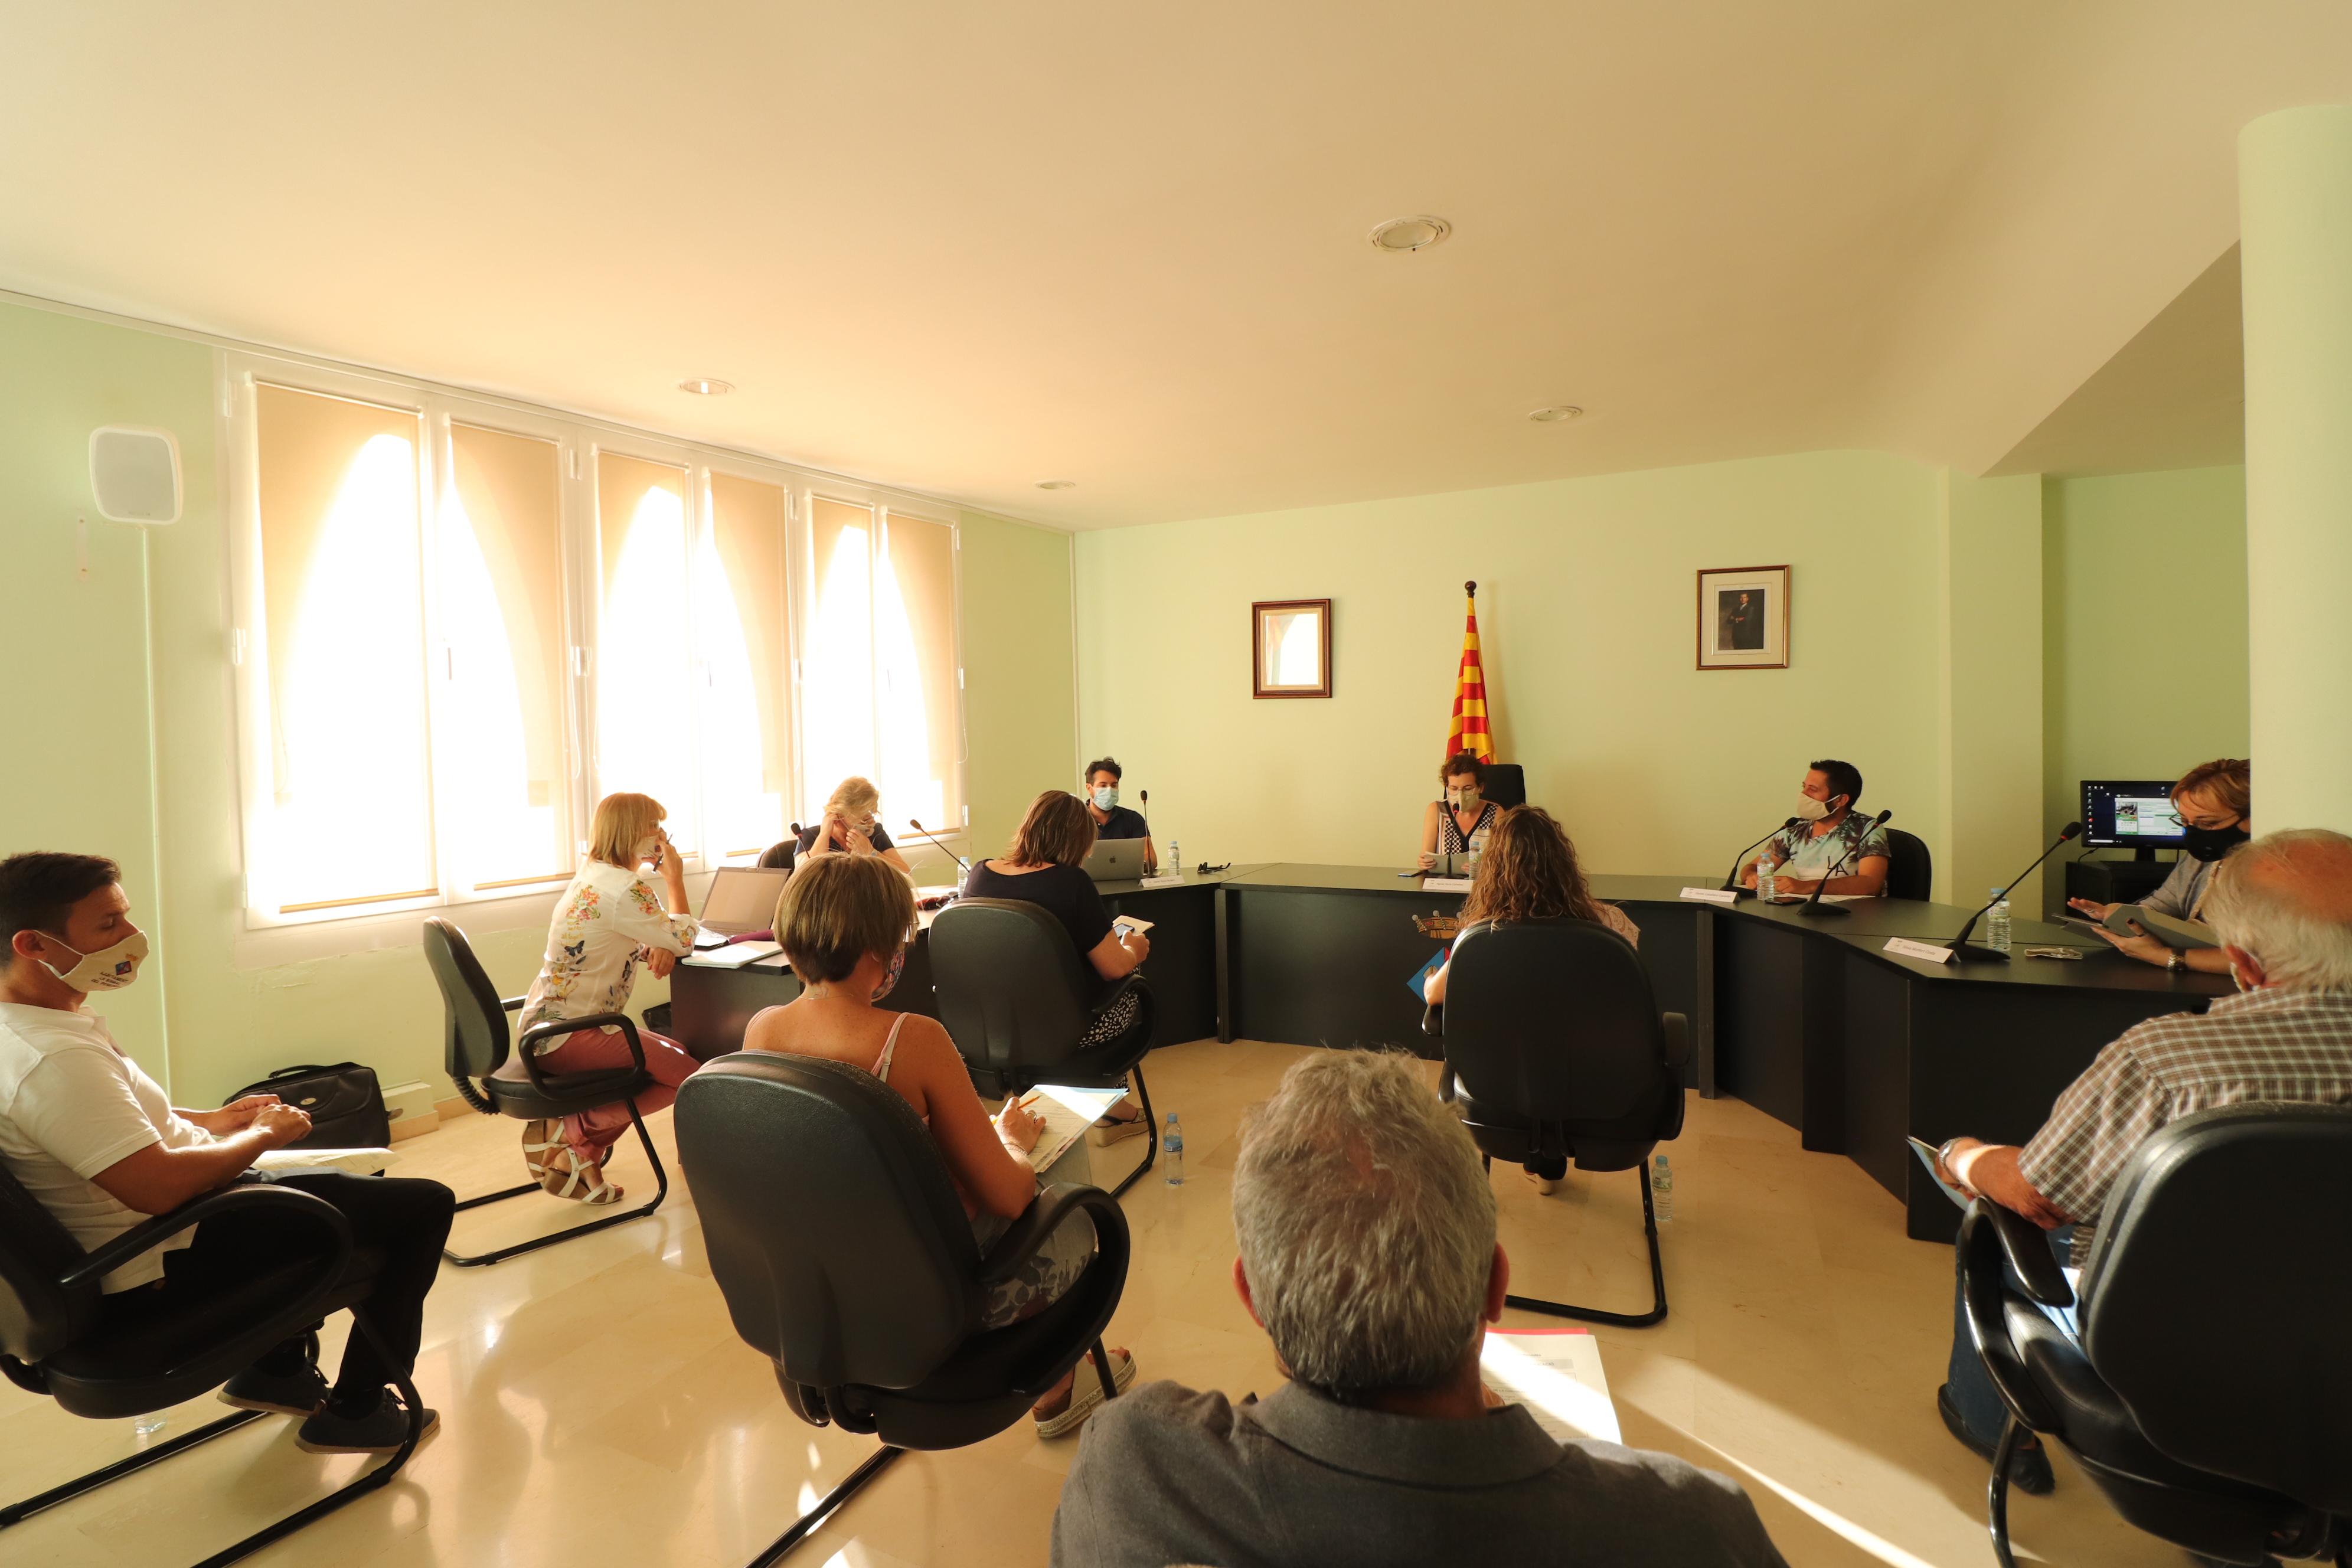 Aquest dimarts 4 d'agost s'ha celebrat un Ple extraordinari i urgent a l'Ajuntament de la Bisbal del Penedès